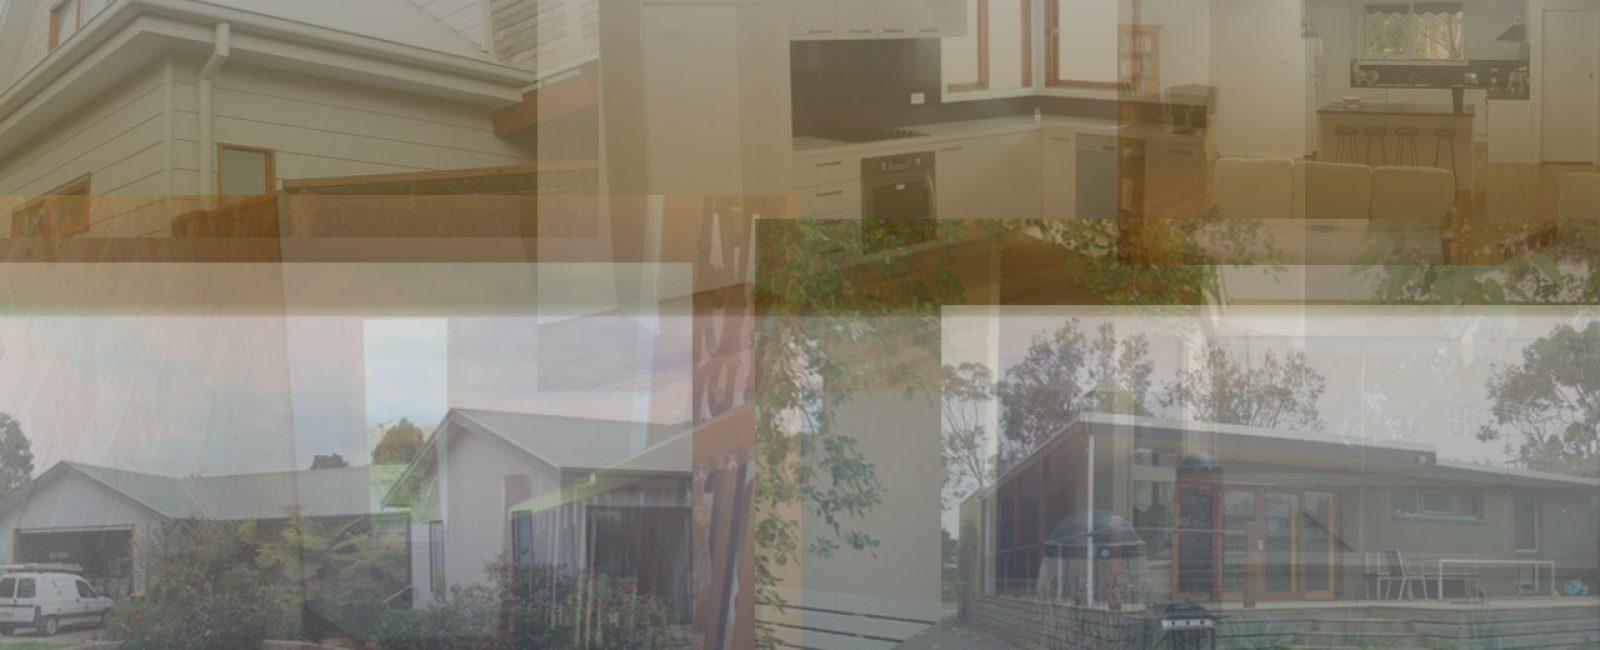 chiefconstructions.com.au